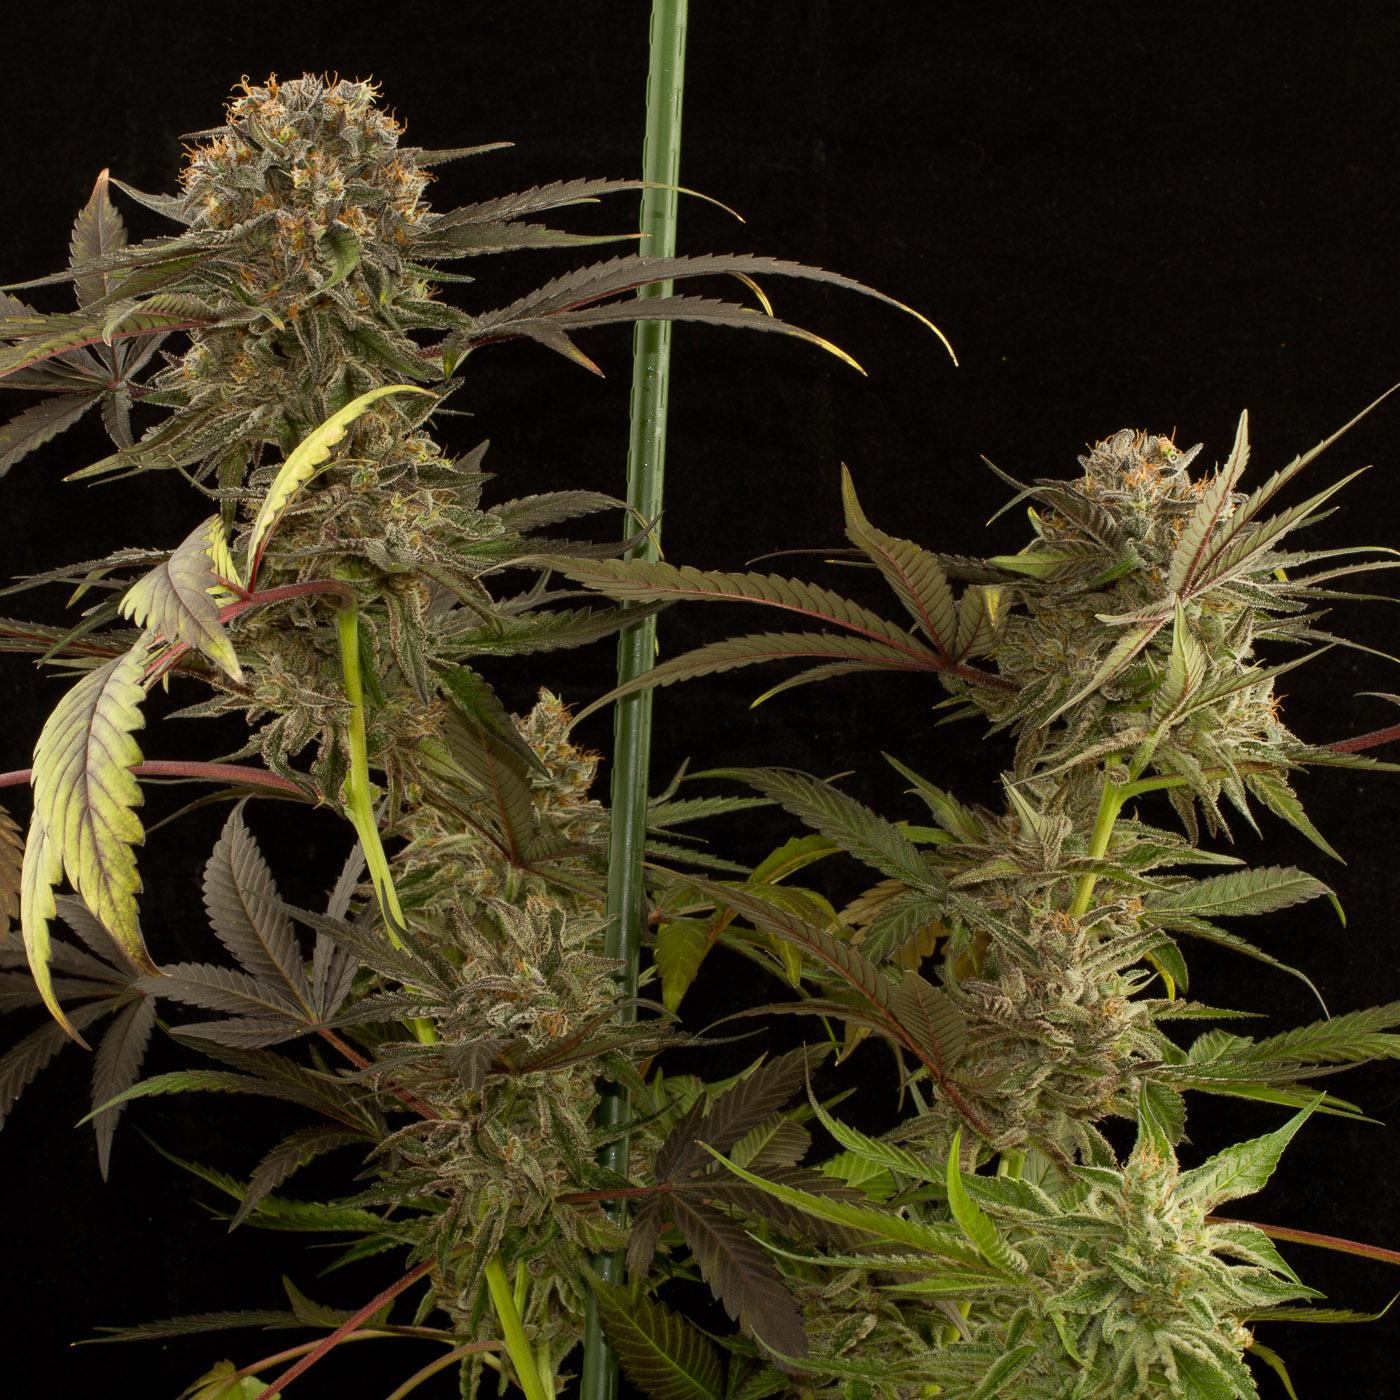 Blue Kush – Buy Blue Kush feminized cannabis seeds